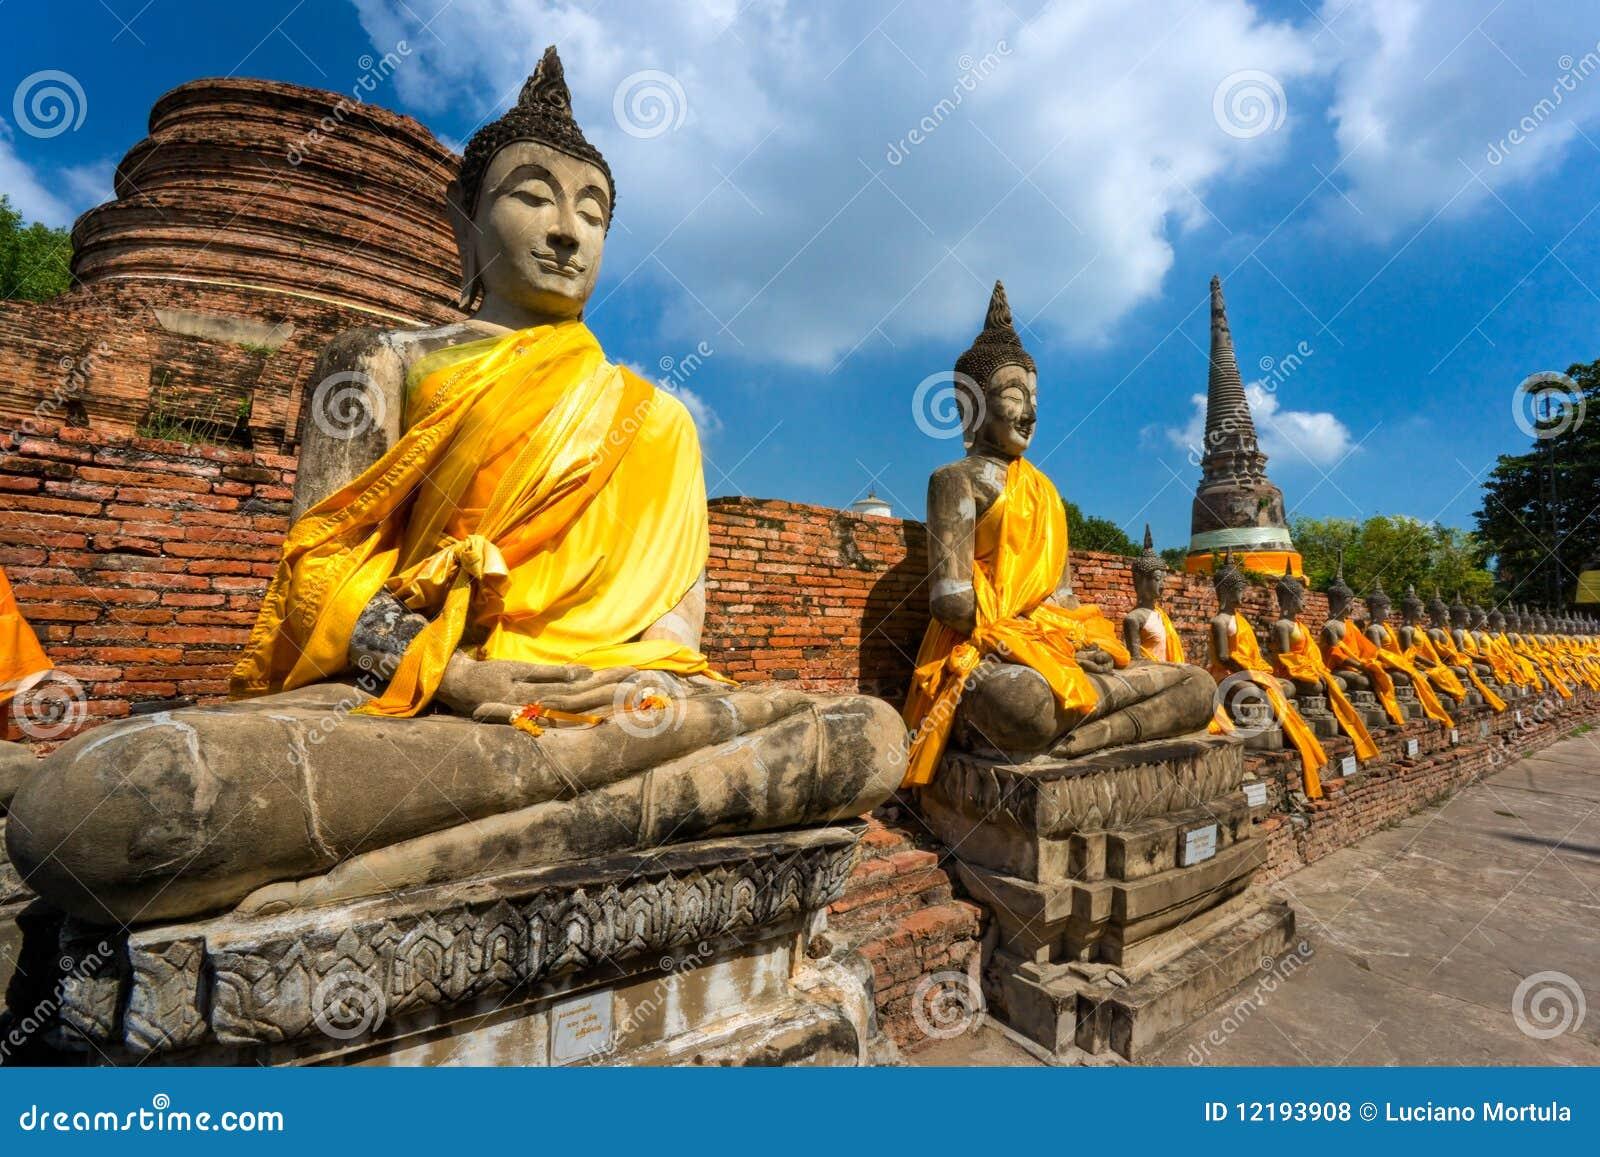 Ayutthaya, Thailand,